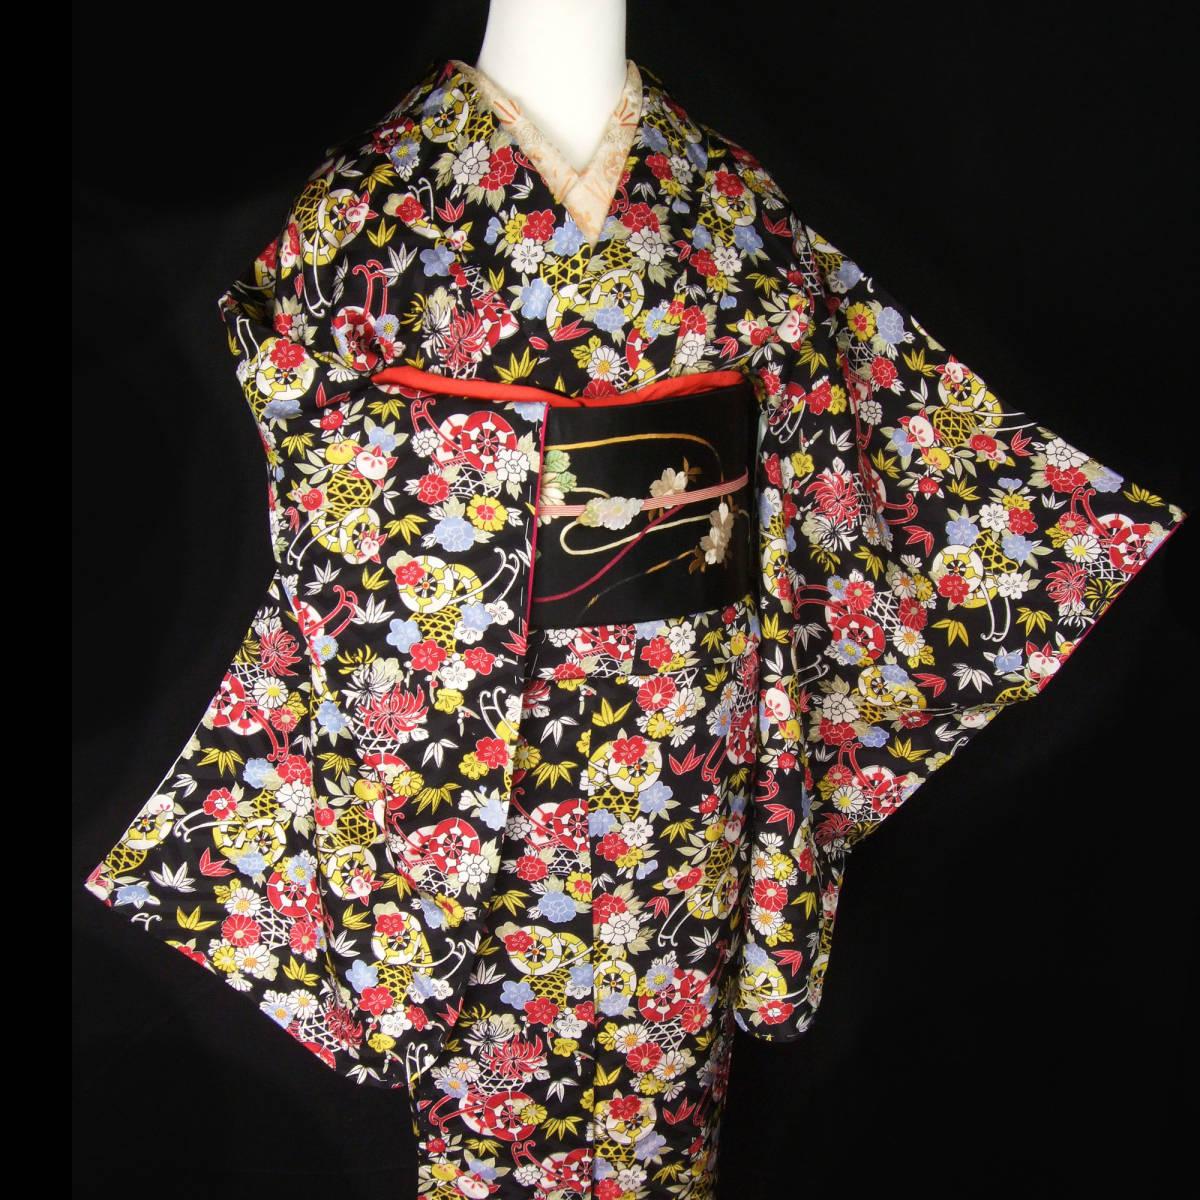 夏のセール!! 乙女屋*g449 美品!桜牡丹菊の花かご 黒地 アンティーク着物_画像1